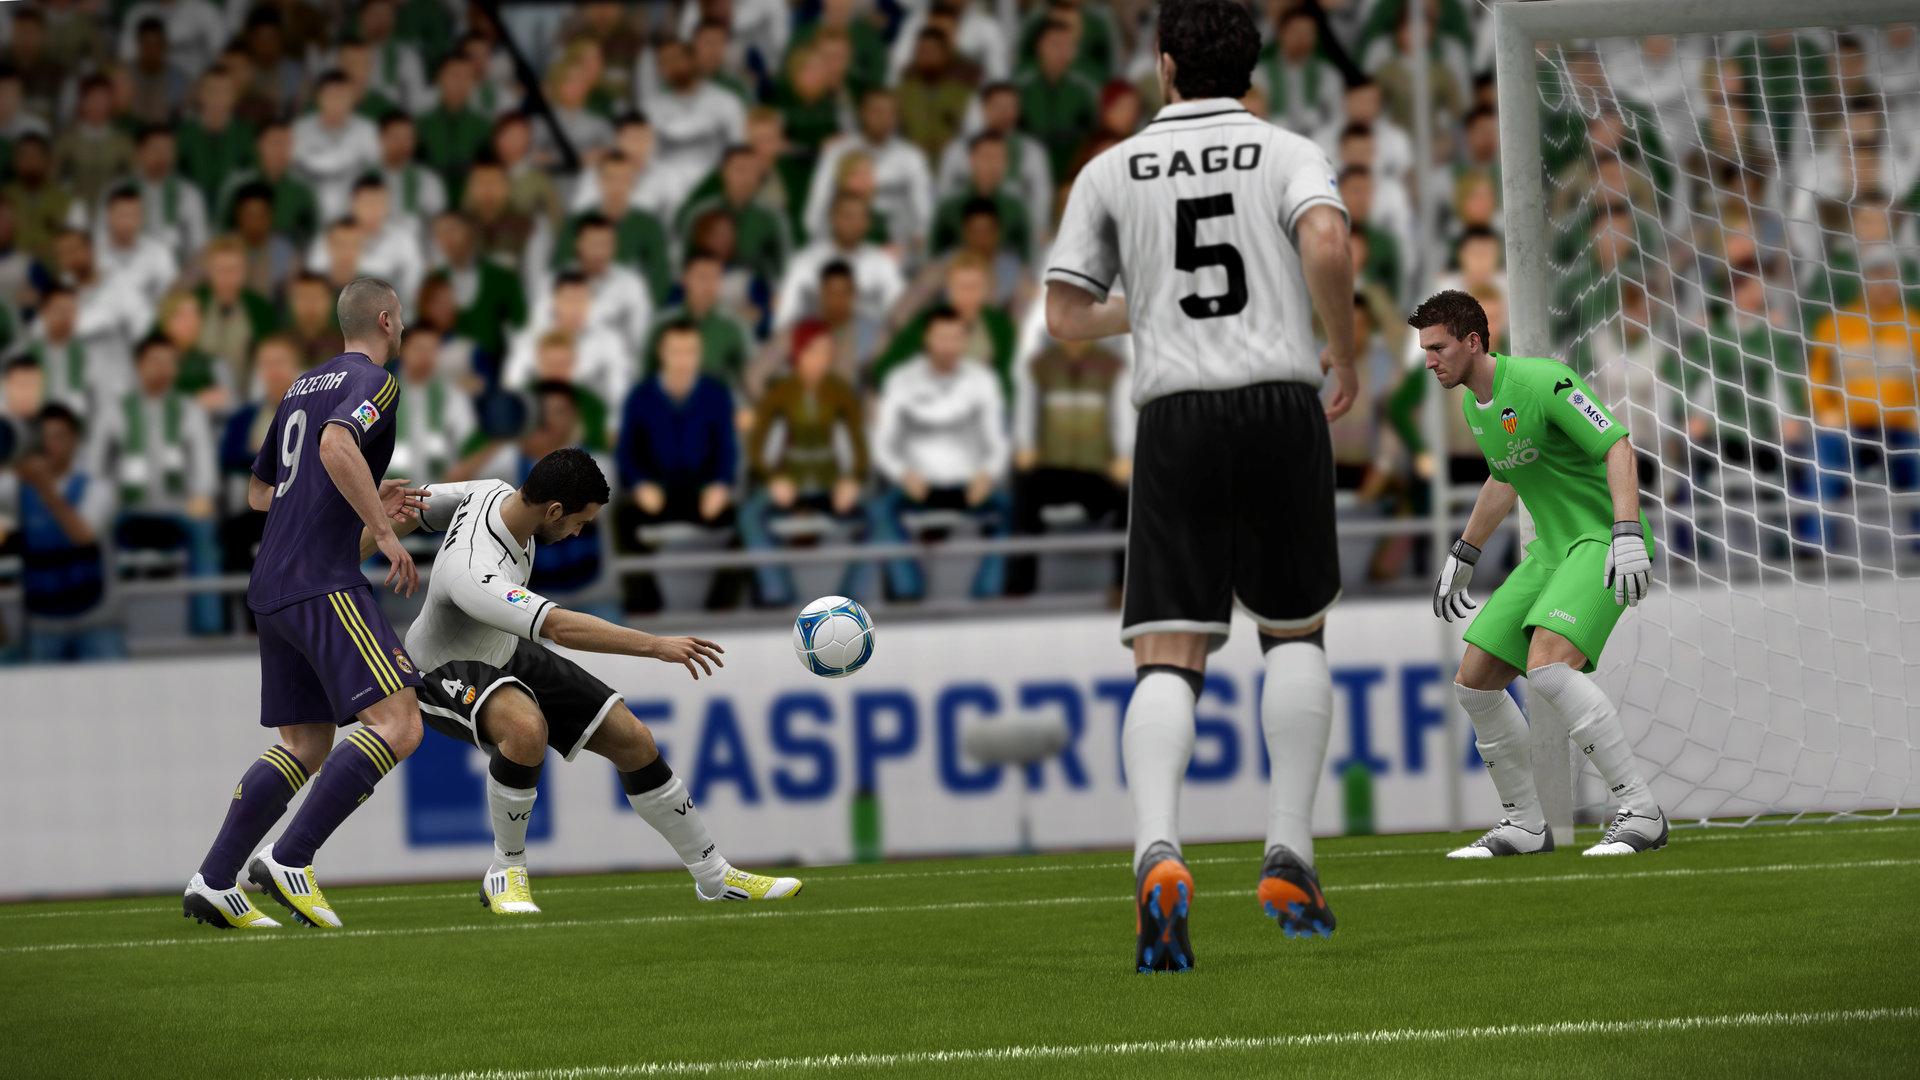 Nuevas características de FIFA 13 para WiiU